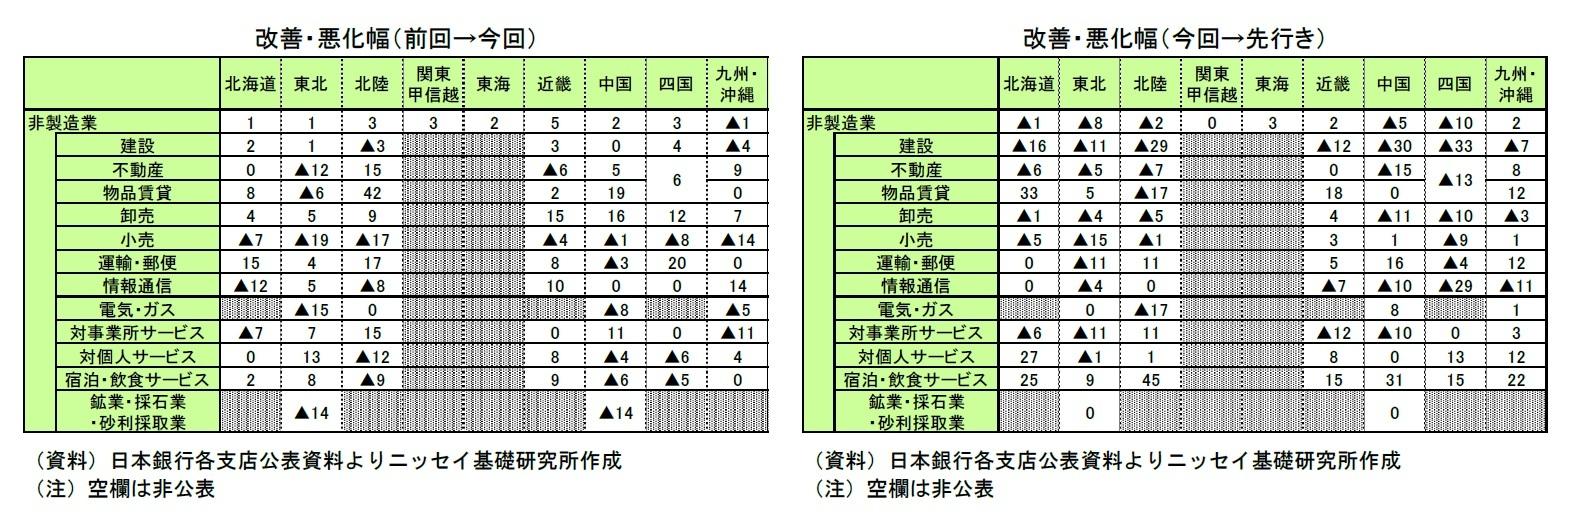 改善・悪化幅(前回→今回)/改善・悪化幅(今回→先行き)